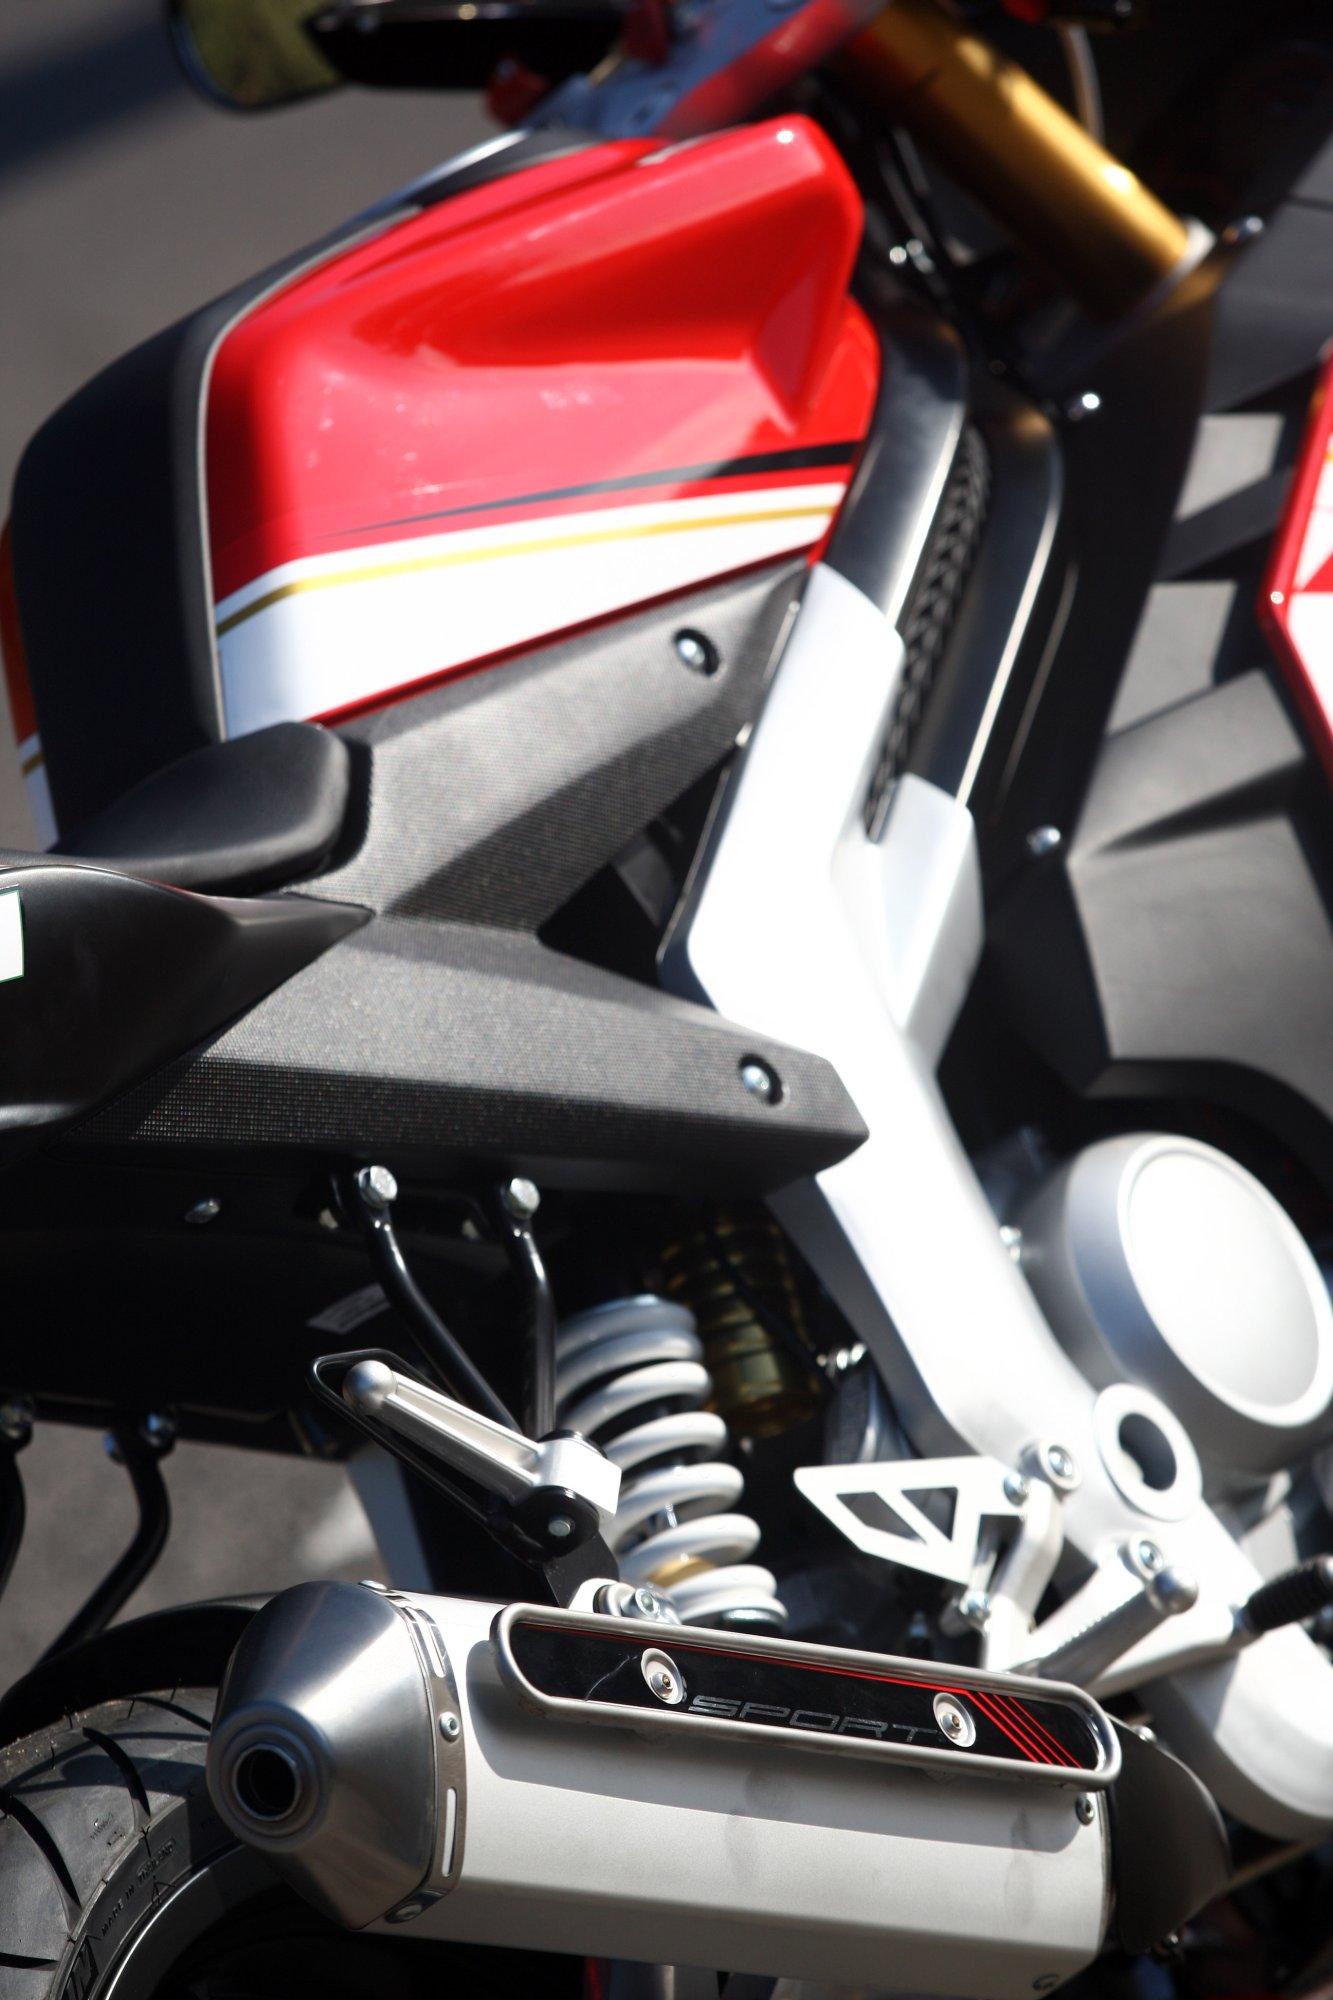 gebrauchte und neue rieju rs3 125 motorr der kaufen. Black Bedroom Furniture Sets. Home Design Ideas